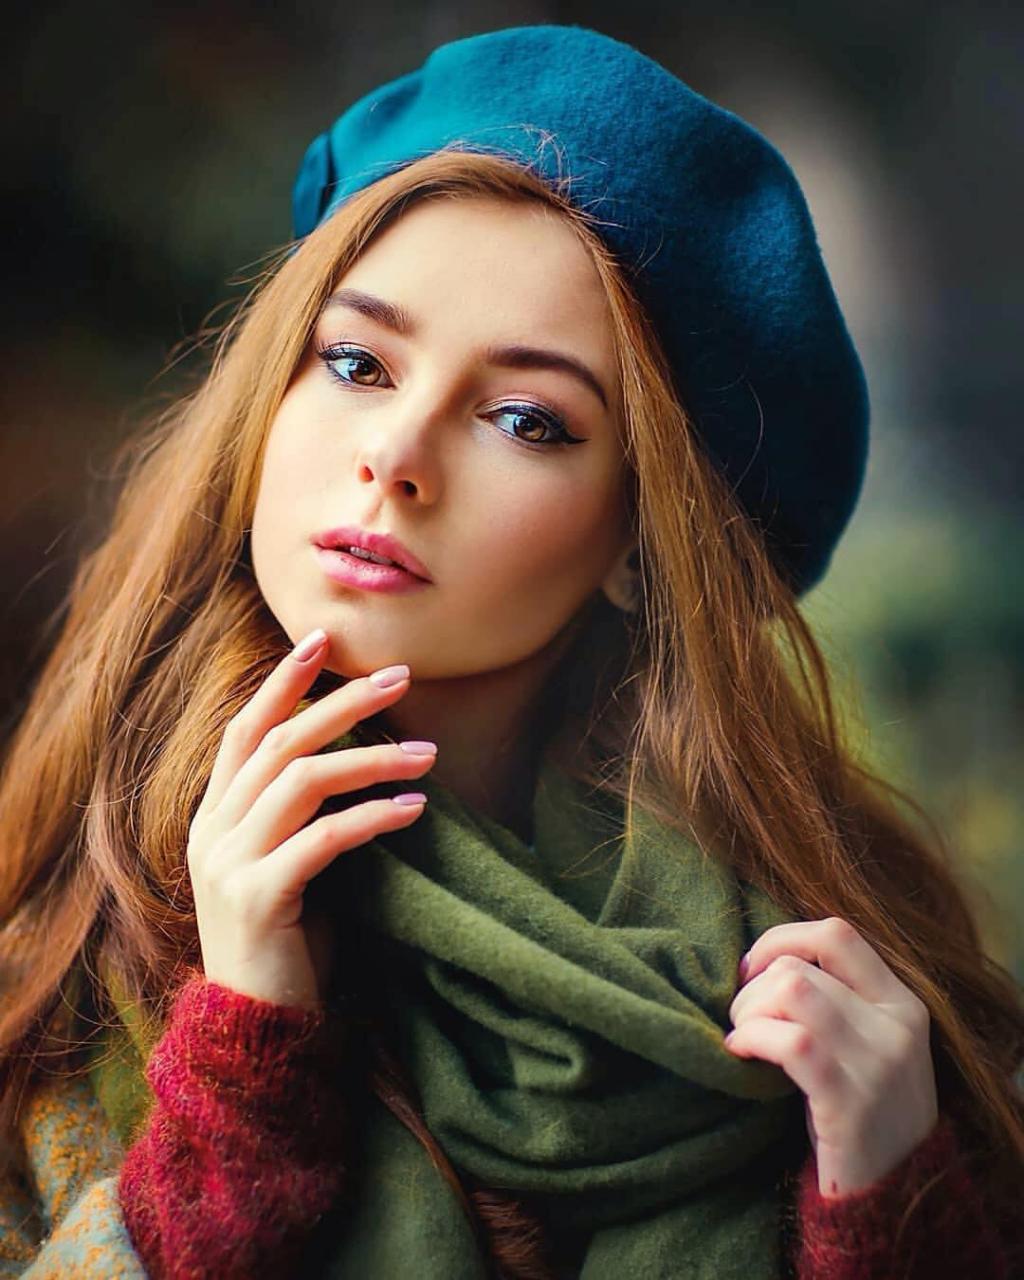 صور جميلة صور حلوه صور حلوة صور بنات حلوه صور بنات جميله صور روعه صوري حلوه2020 69